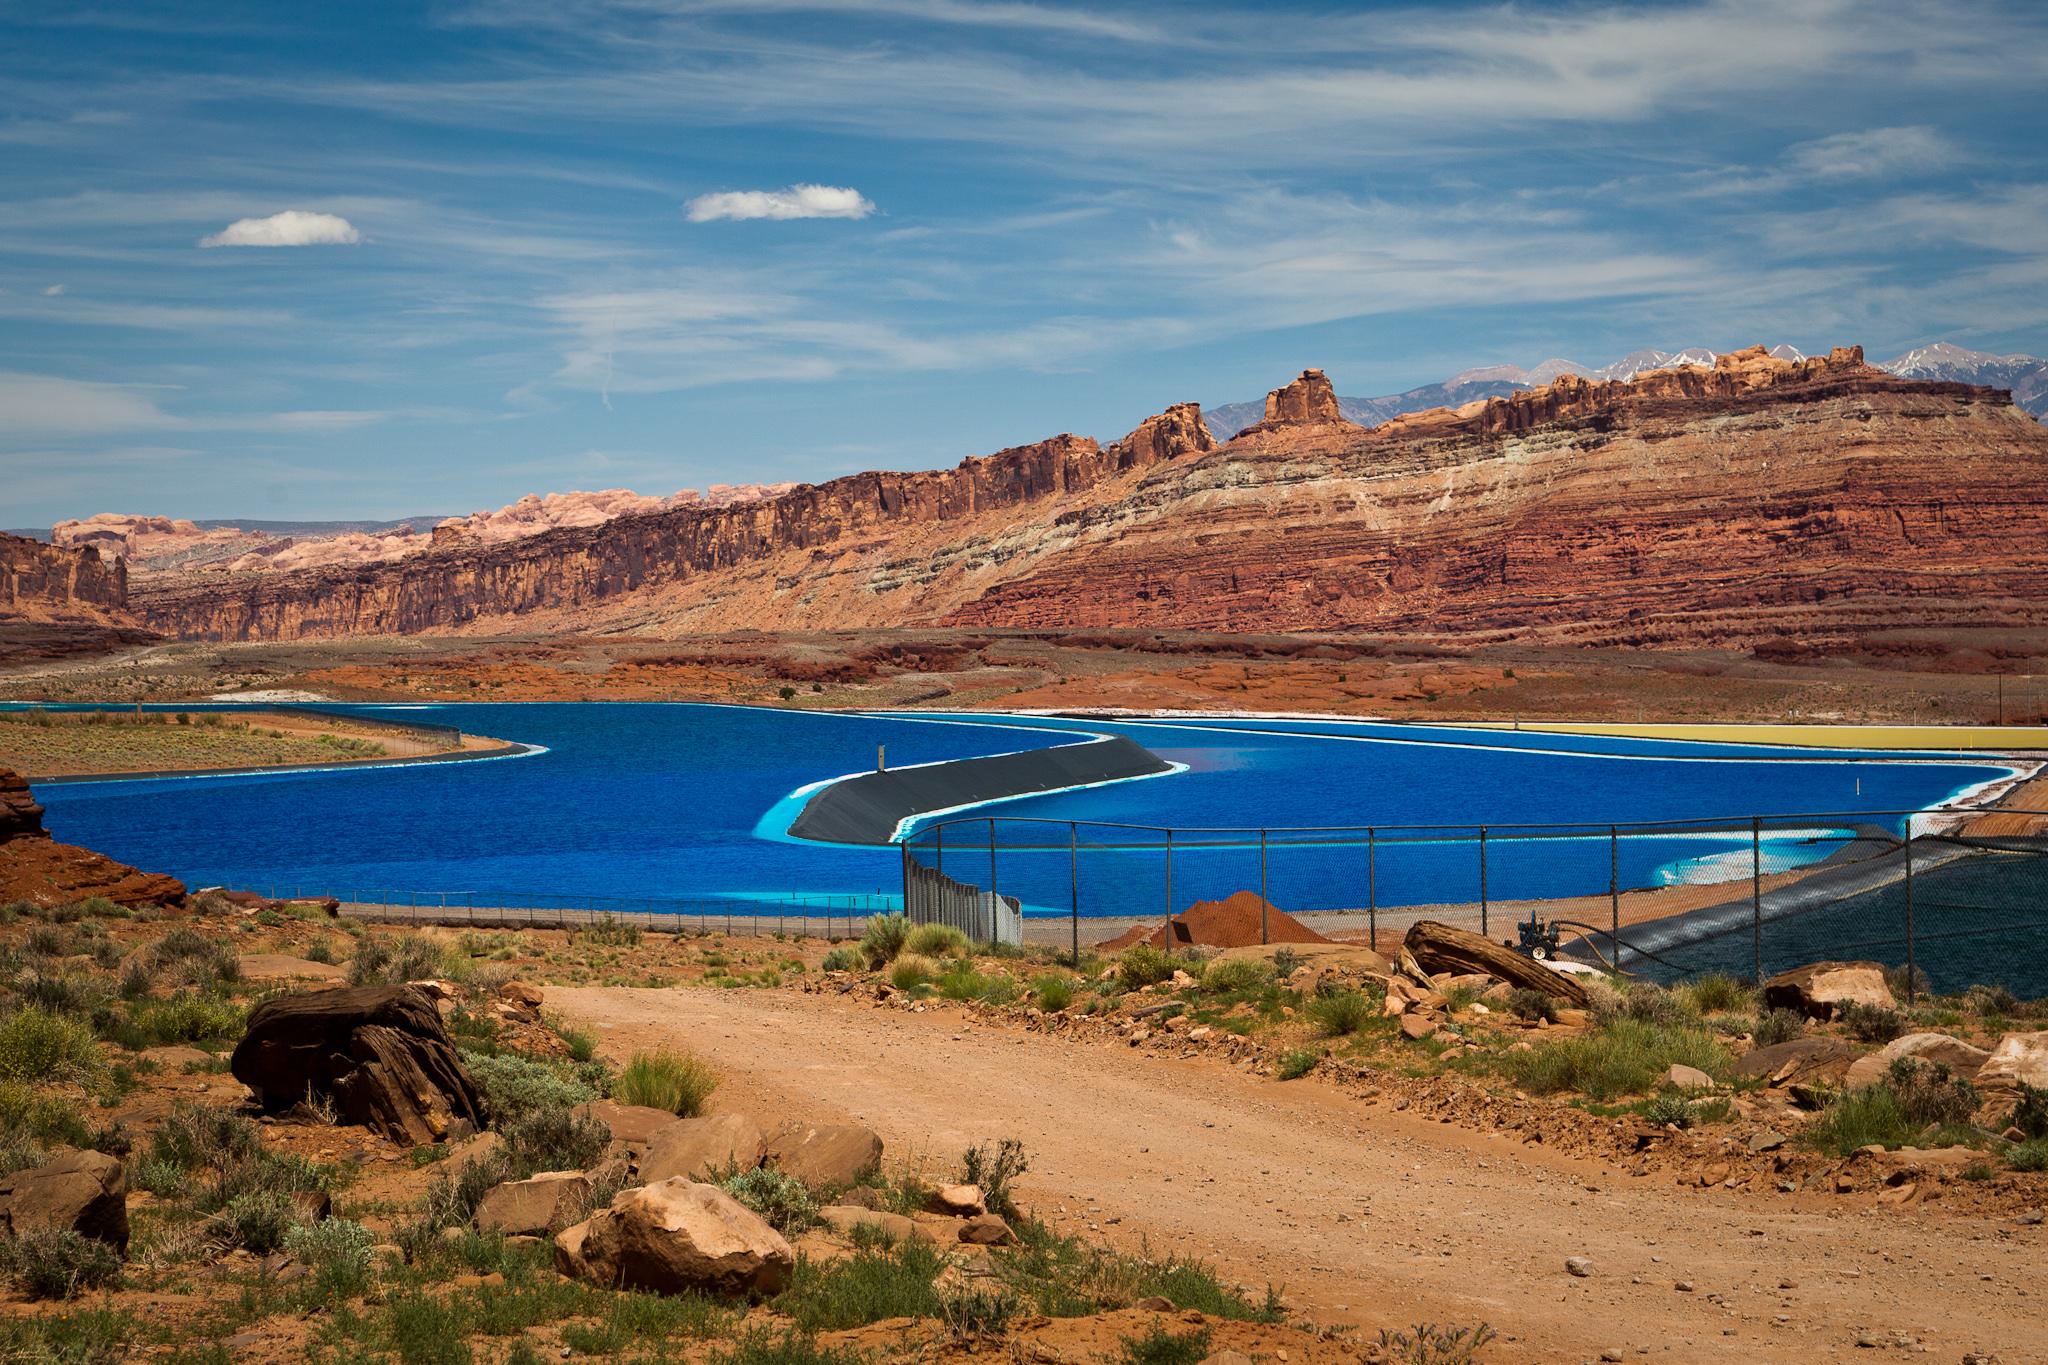 Potash evaporation ponds near Moab, UT, May 2013.jpg